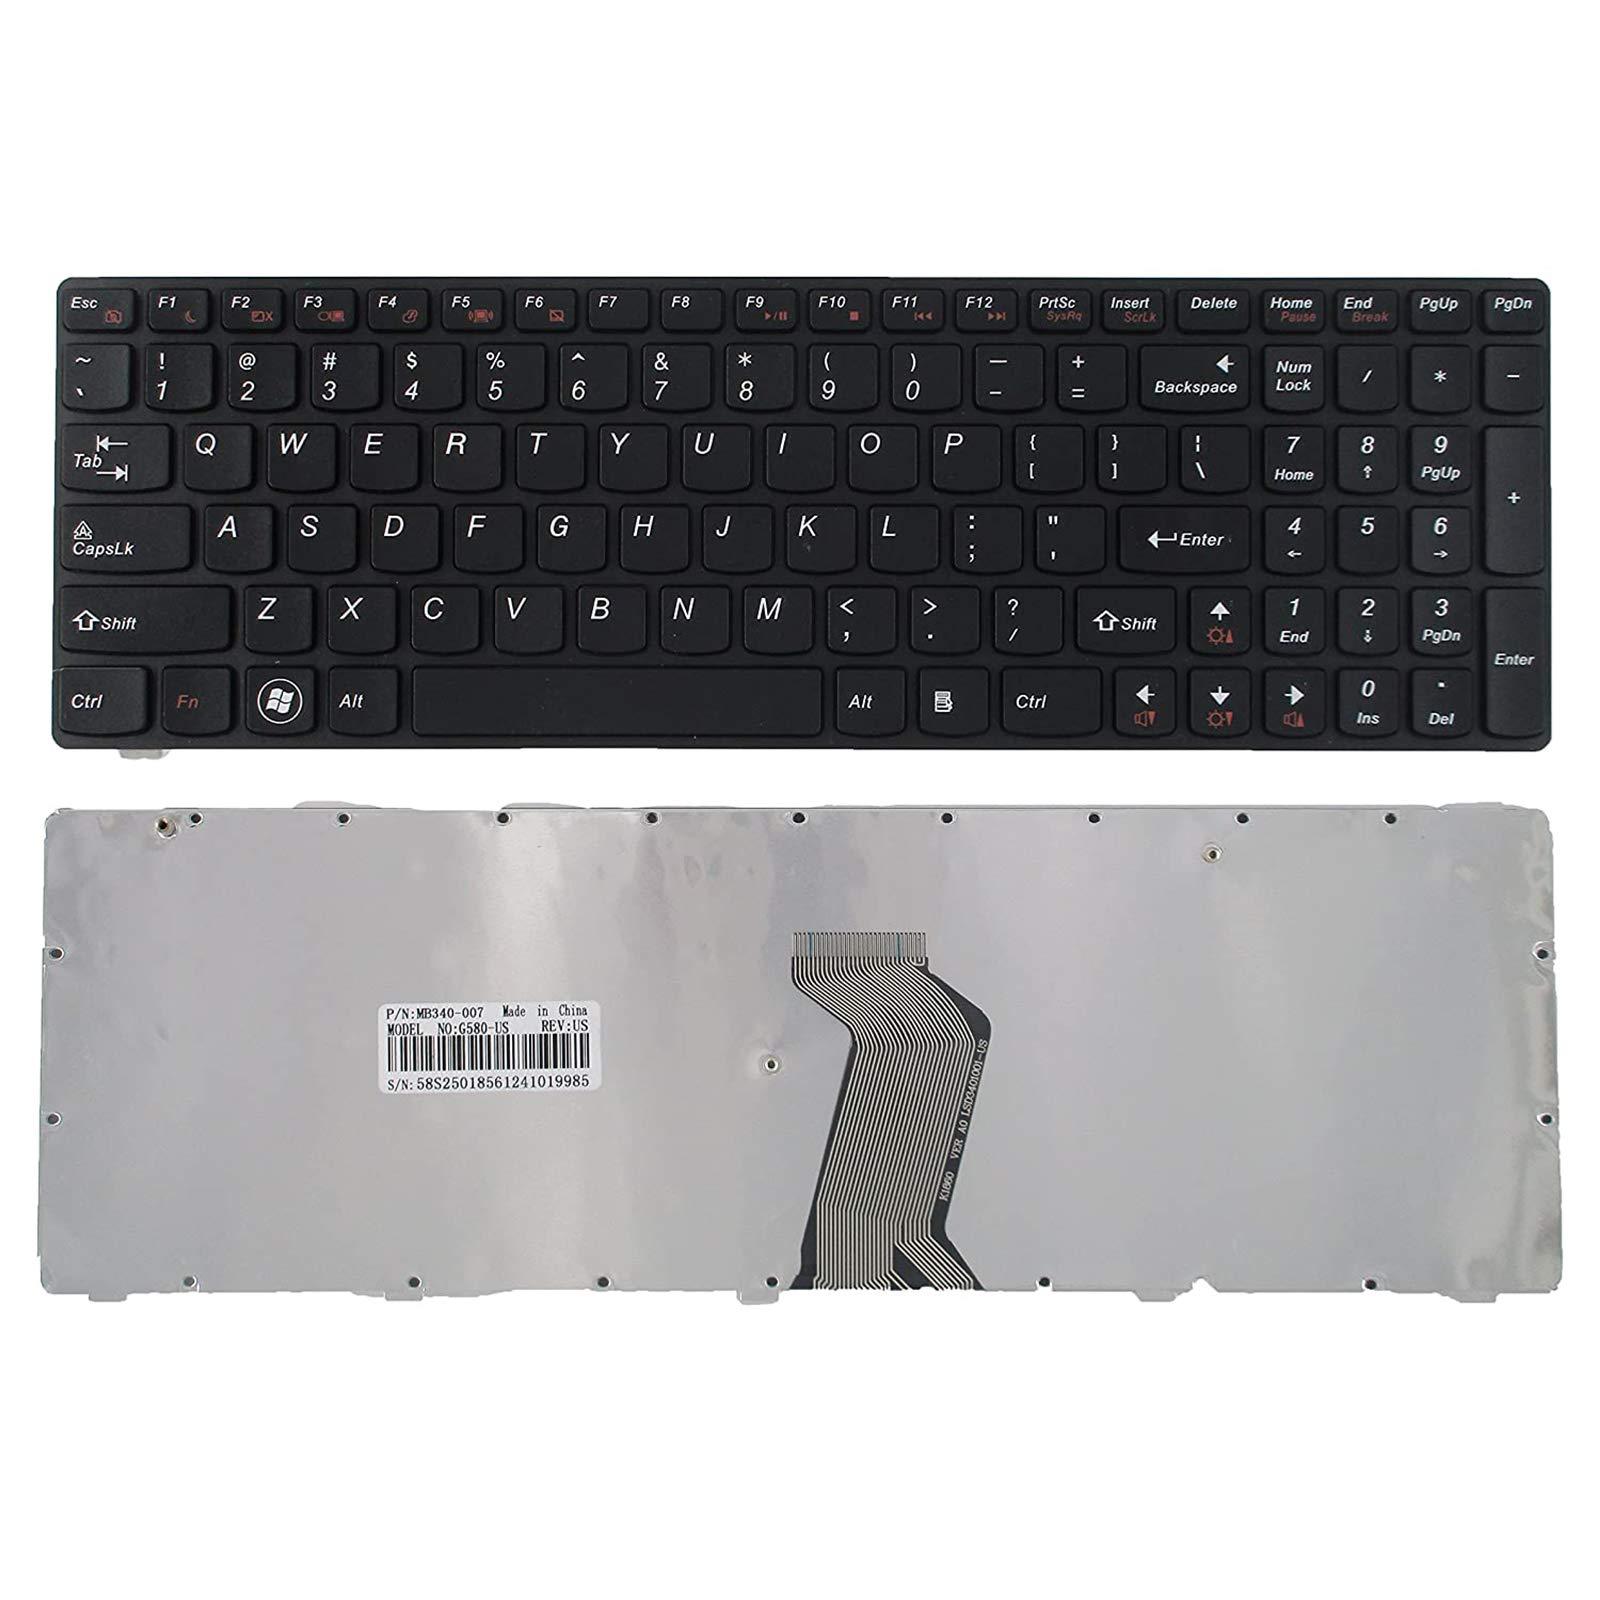 Teclado USA para Lenovo Ideapad G580 G580A G585 G585A V580 V